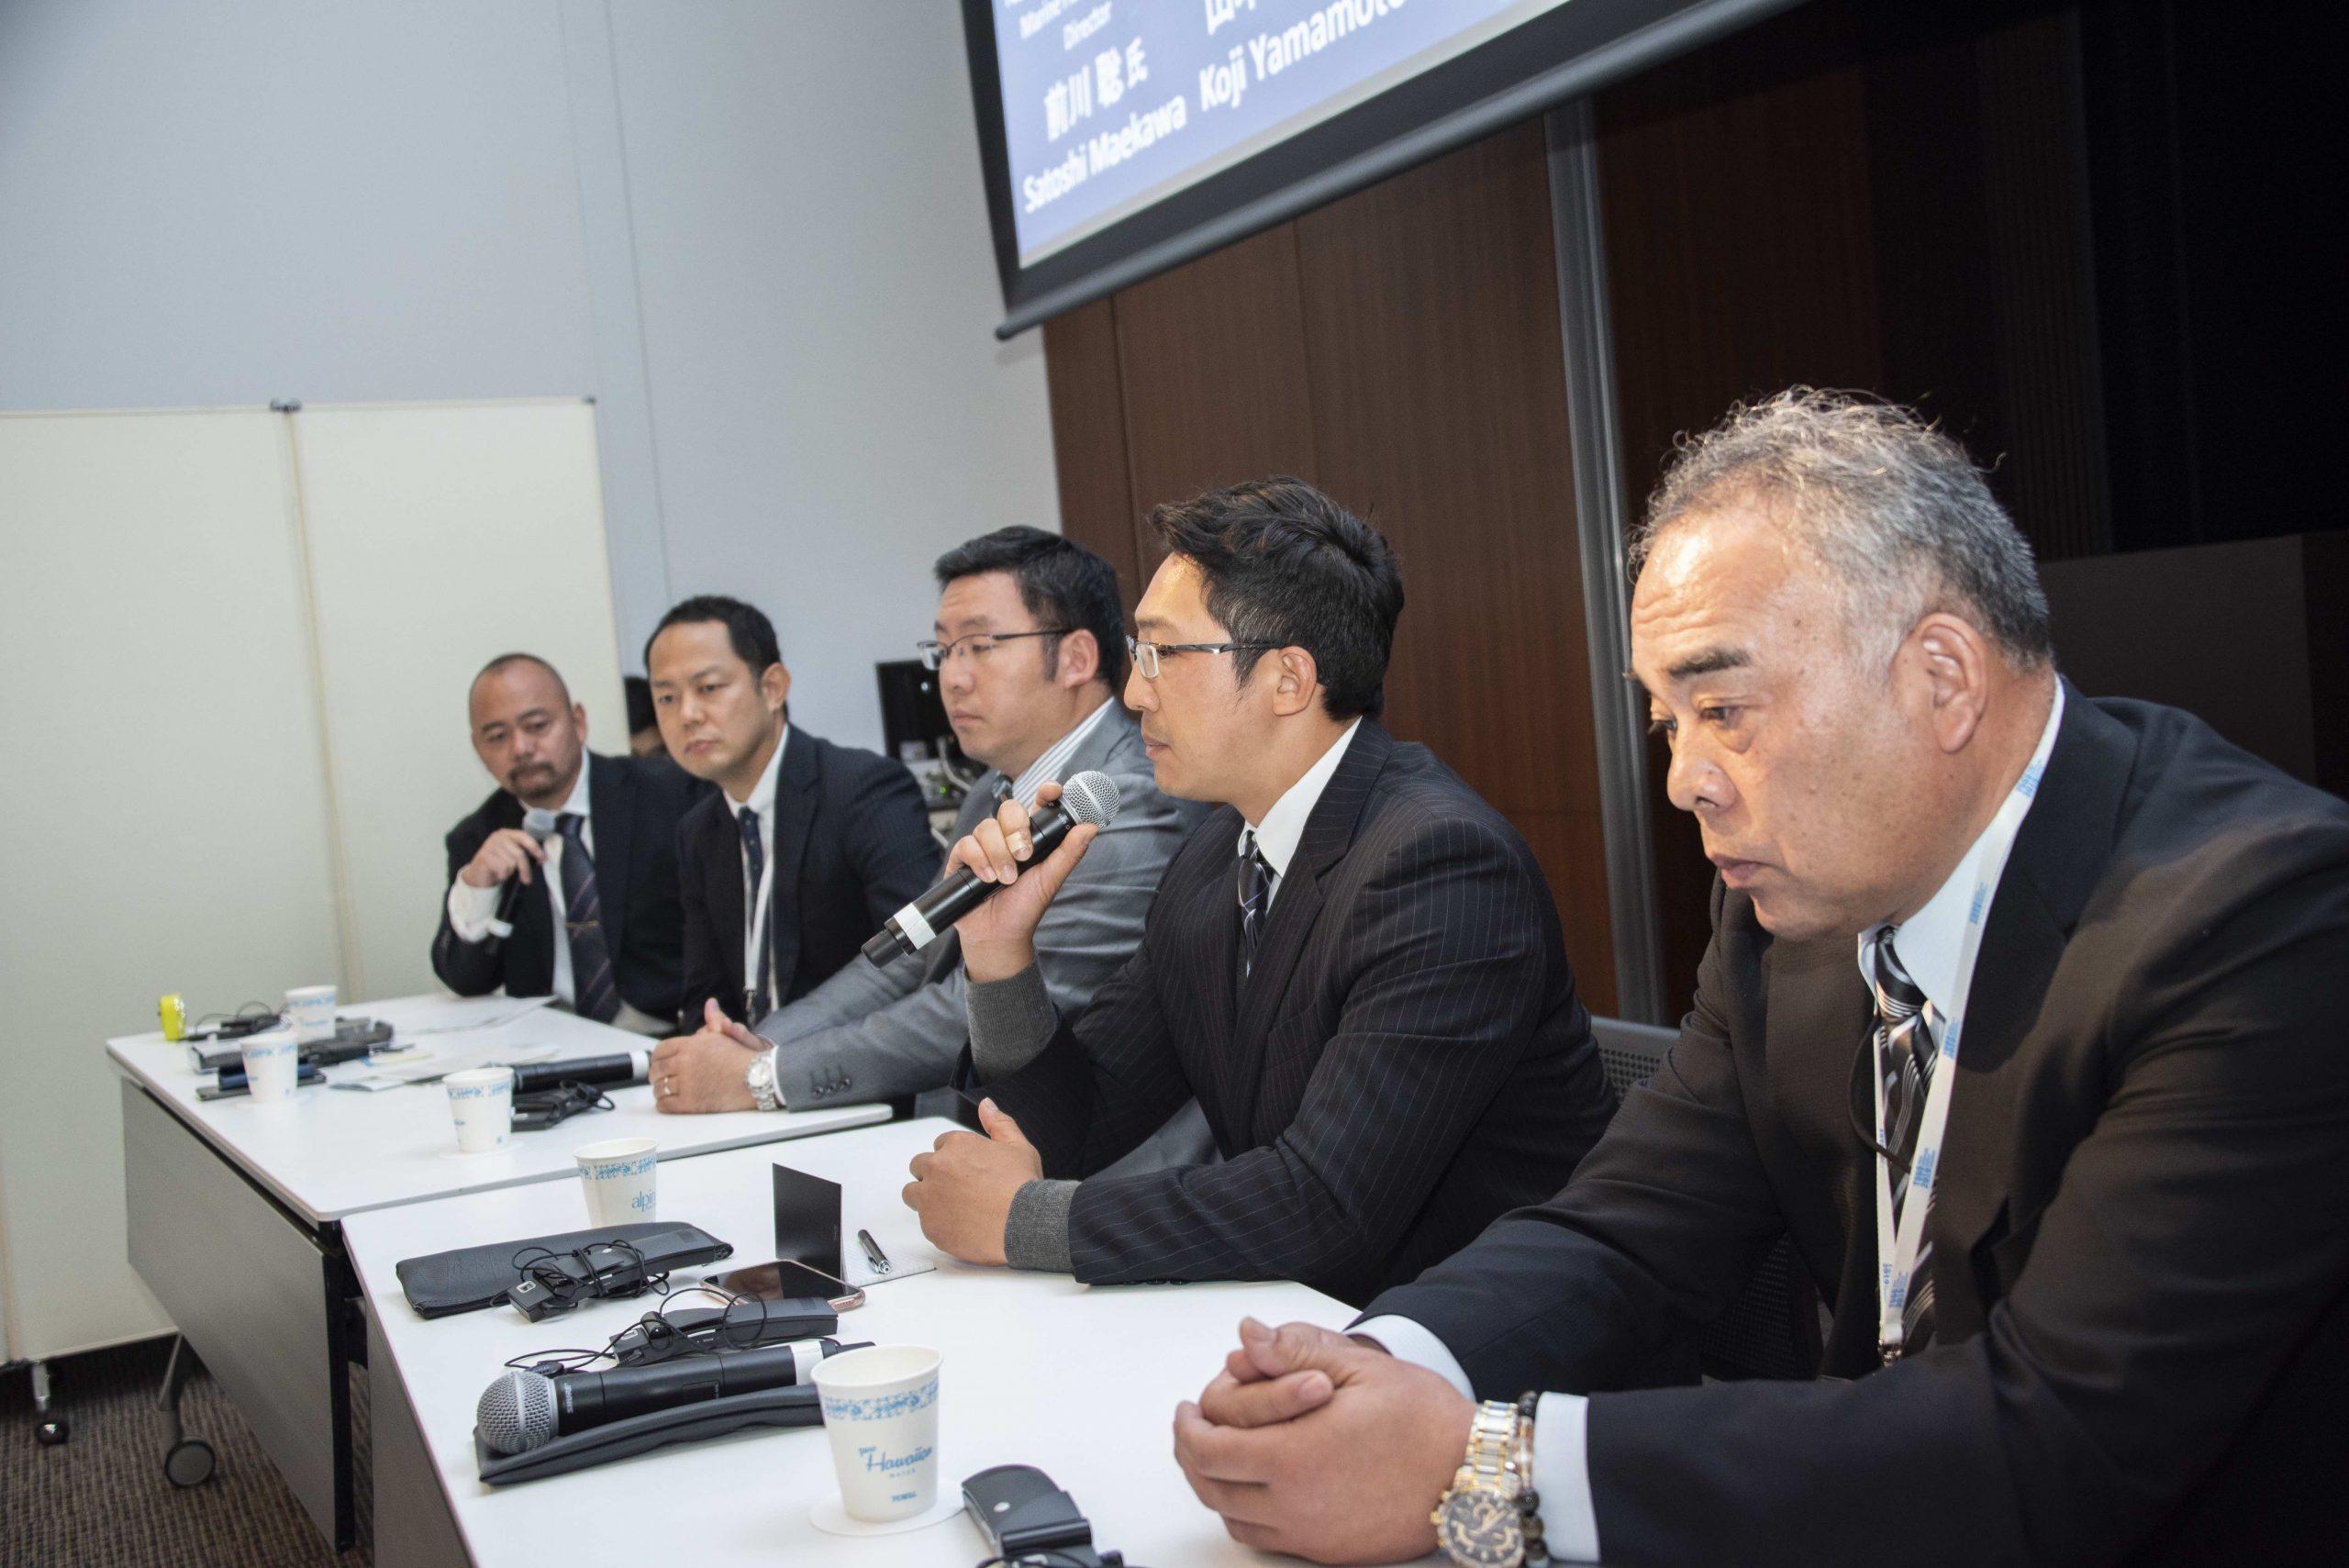 C-7 養殖エコラベル:日本が抱える課題と展望